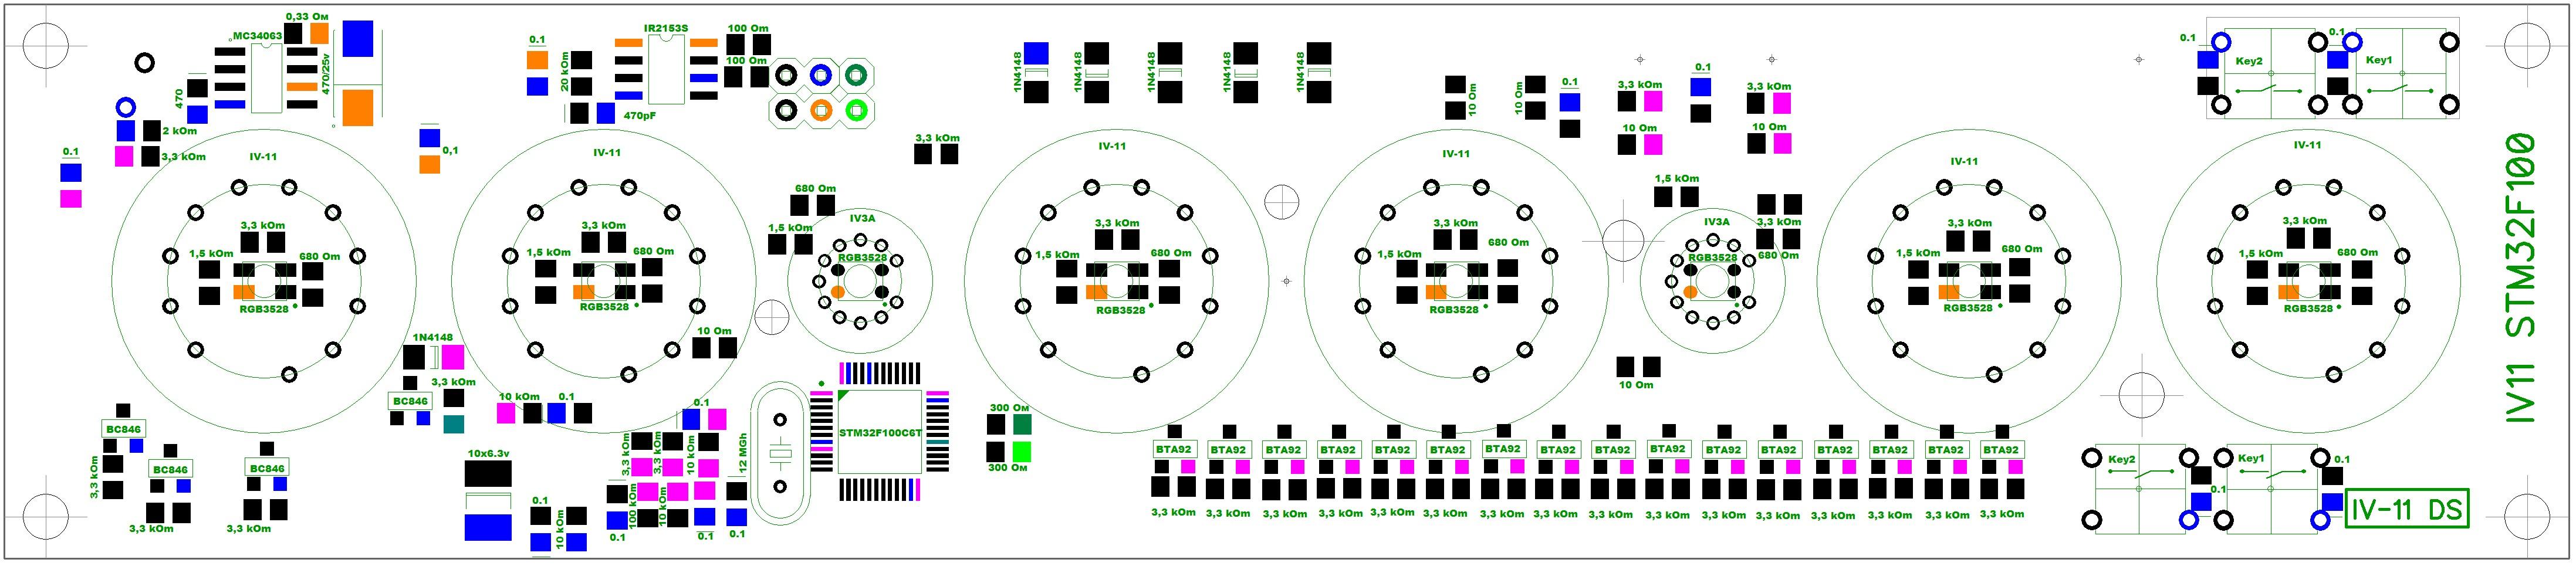 Монтажная схема верх-значения.jpg